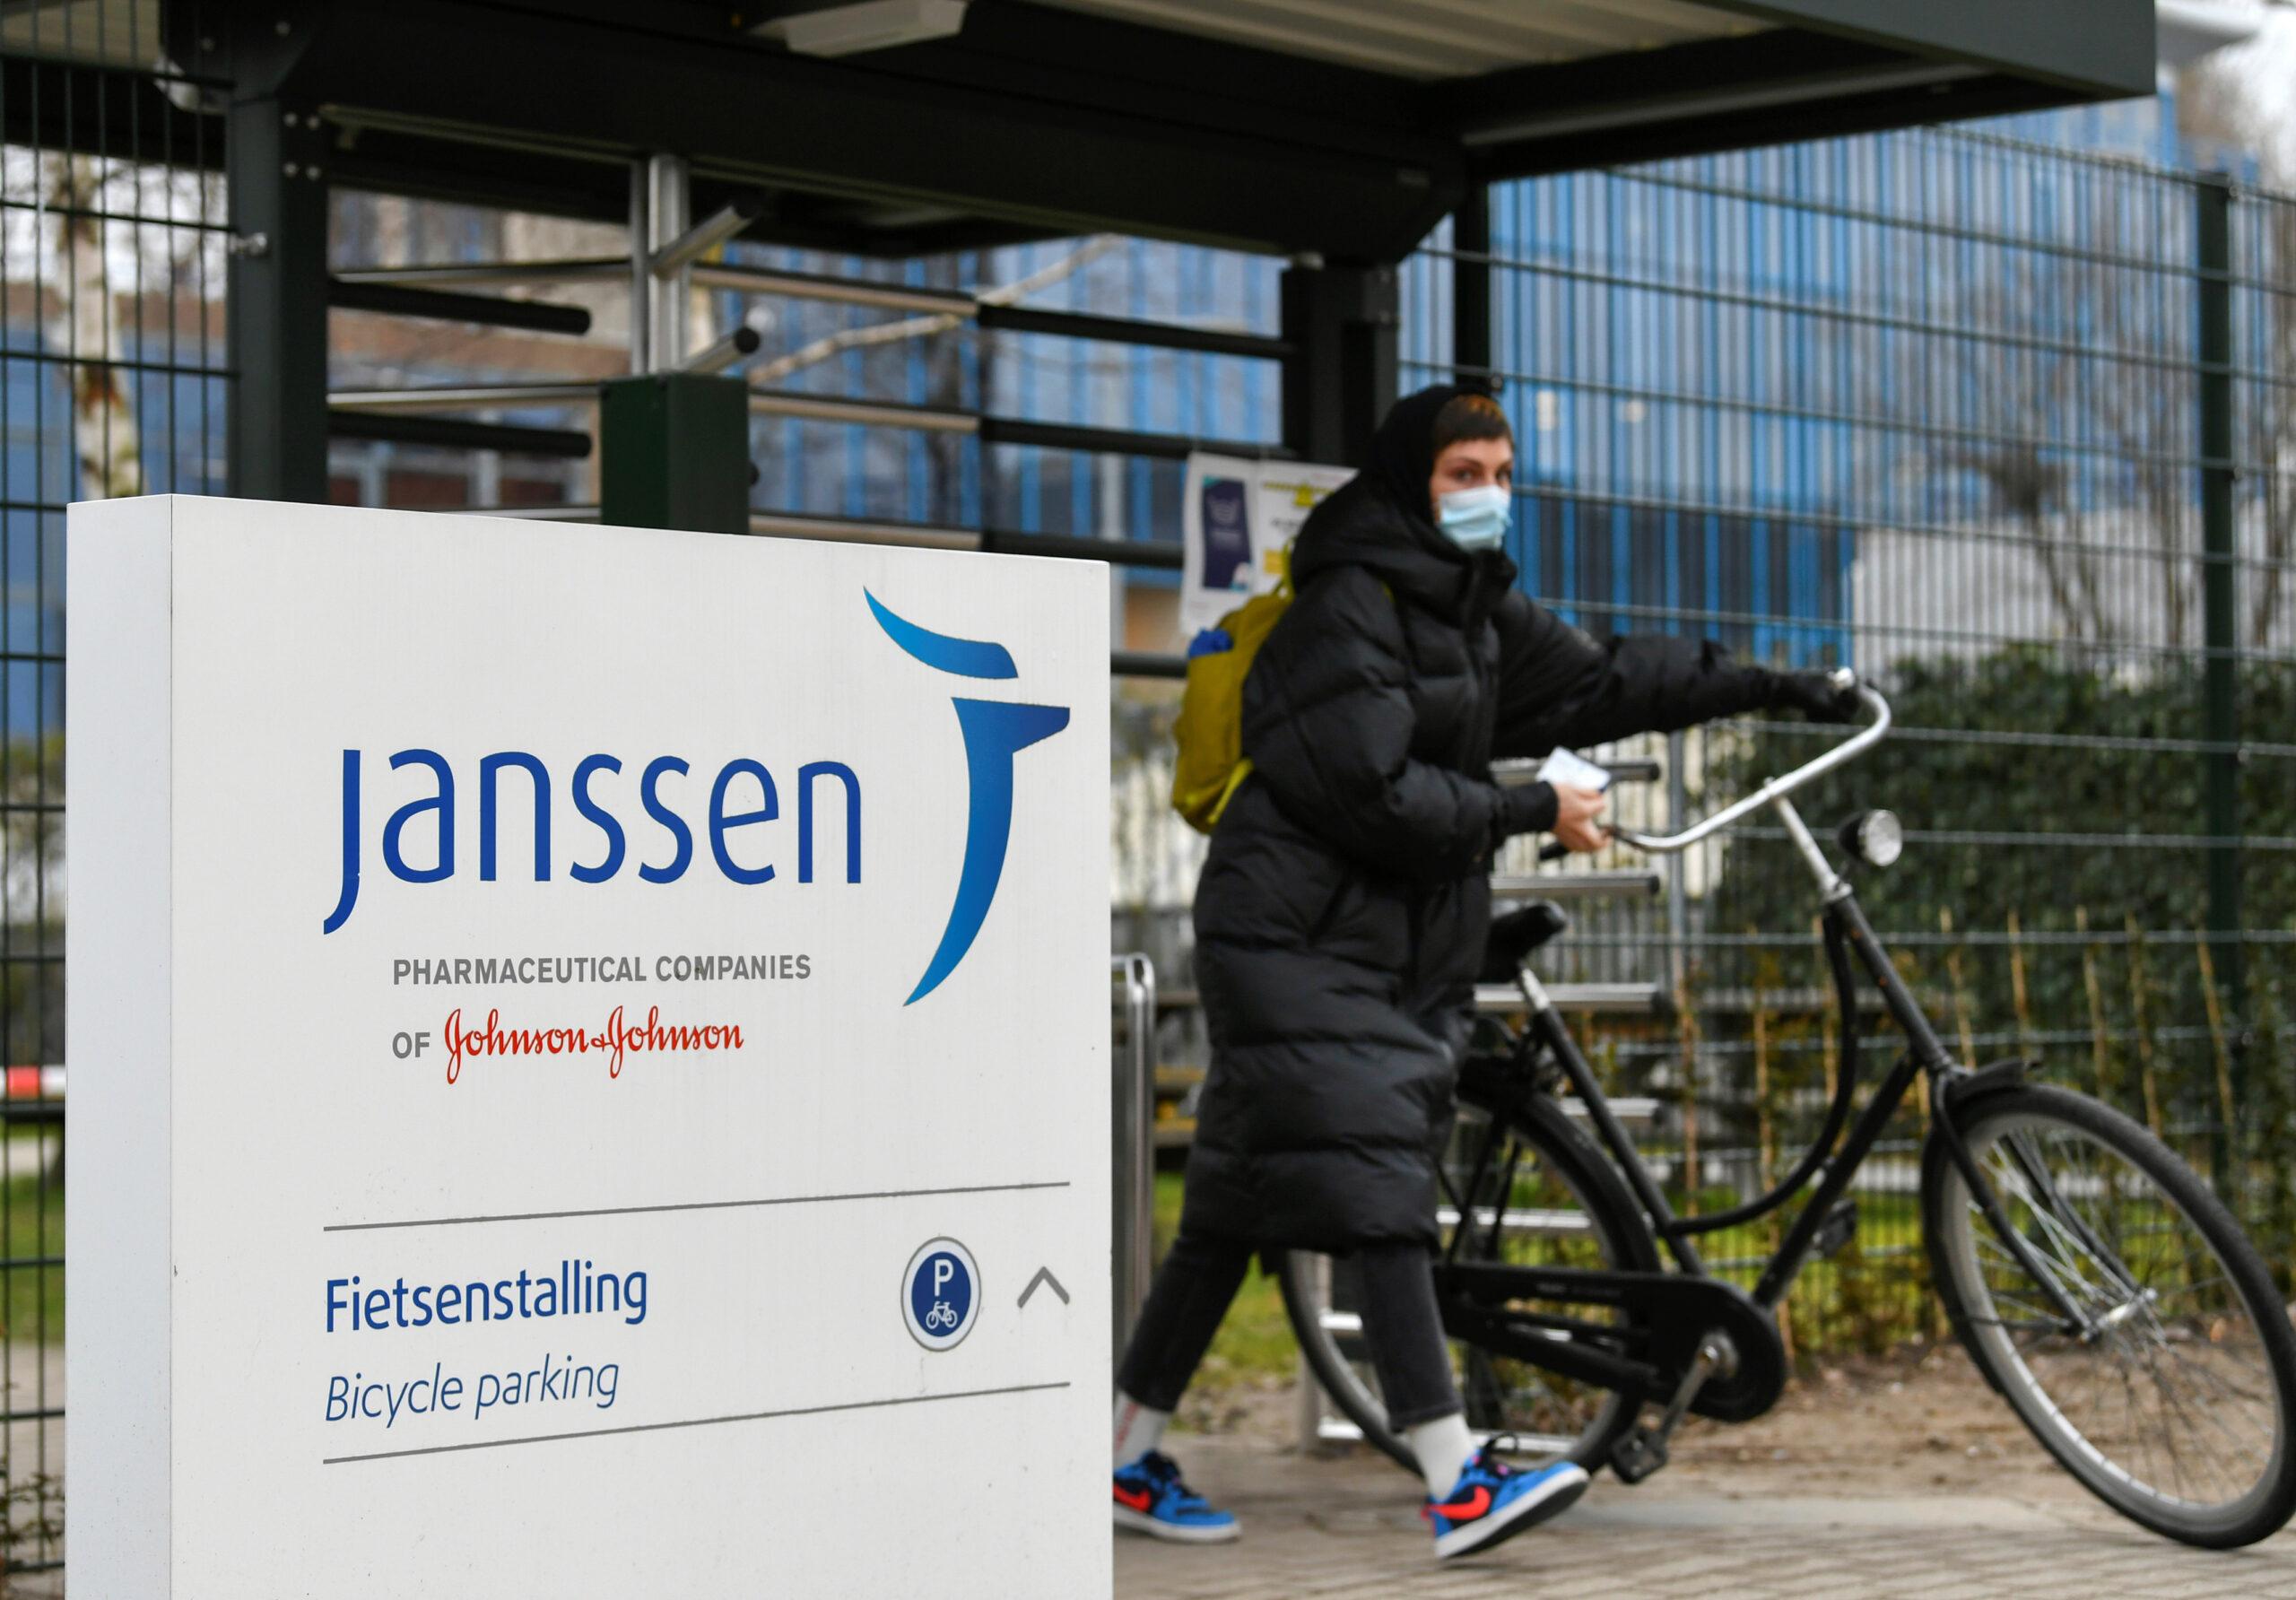 Una dona amb la seva bicicleta a la filial de Johnson&Johnson, Janssen, a Leiden, Països Baixos | ACN